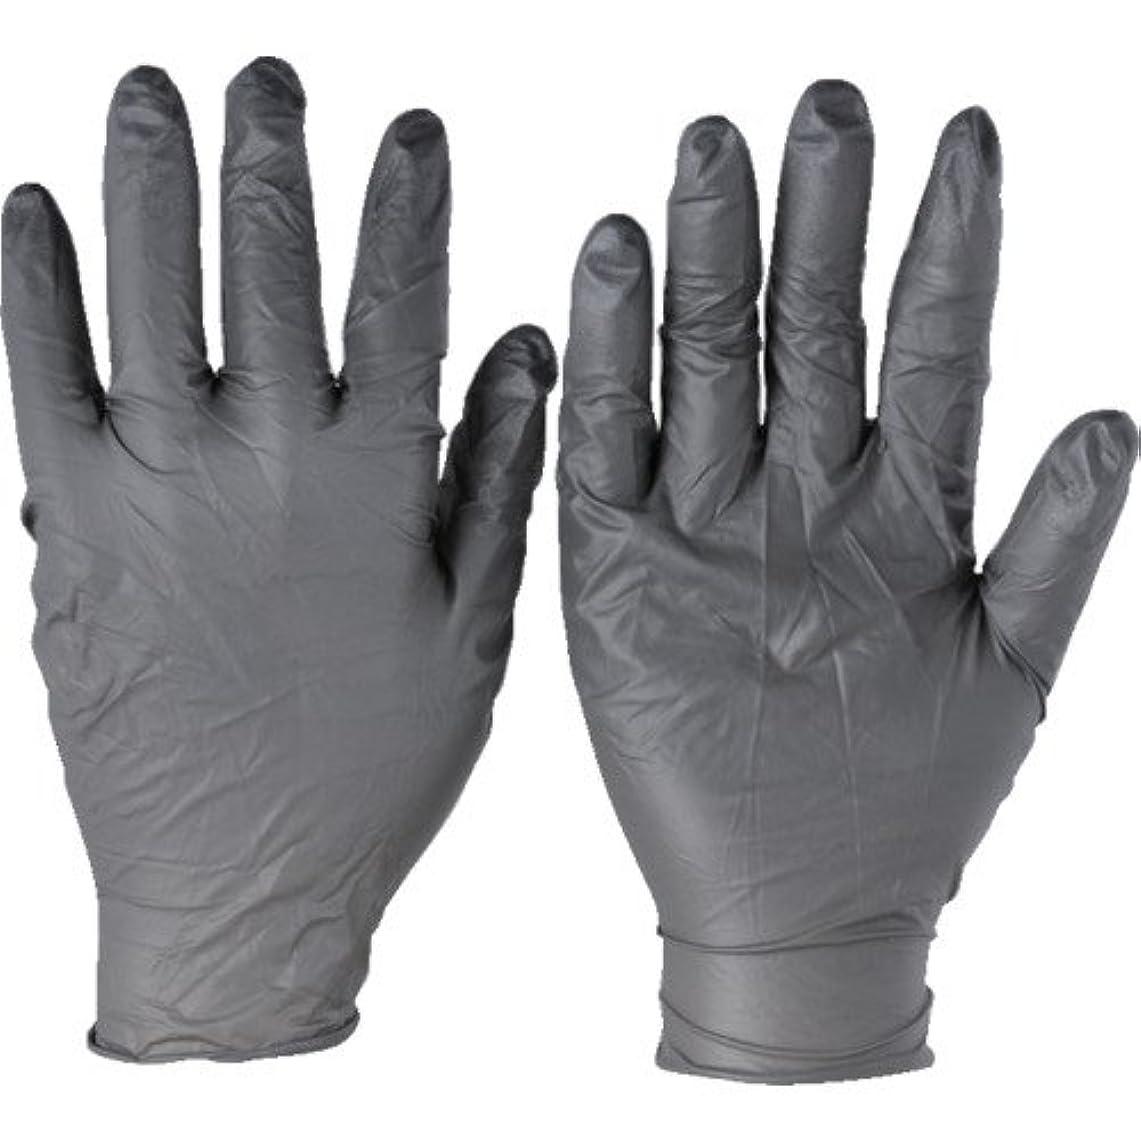 構成物質巨人トラスコ中山 アンセル ニトリルゴム使い捨て手袋 タッチエヌタフ 粉無 Lサイズ 100枚入 932509